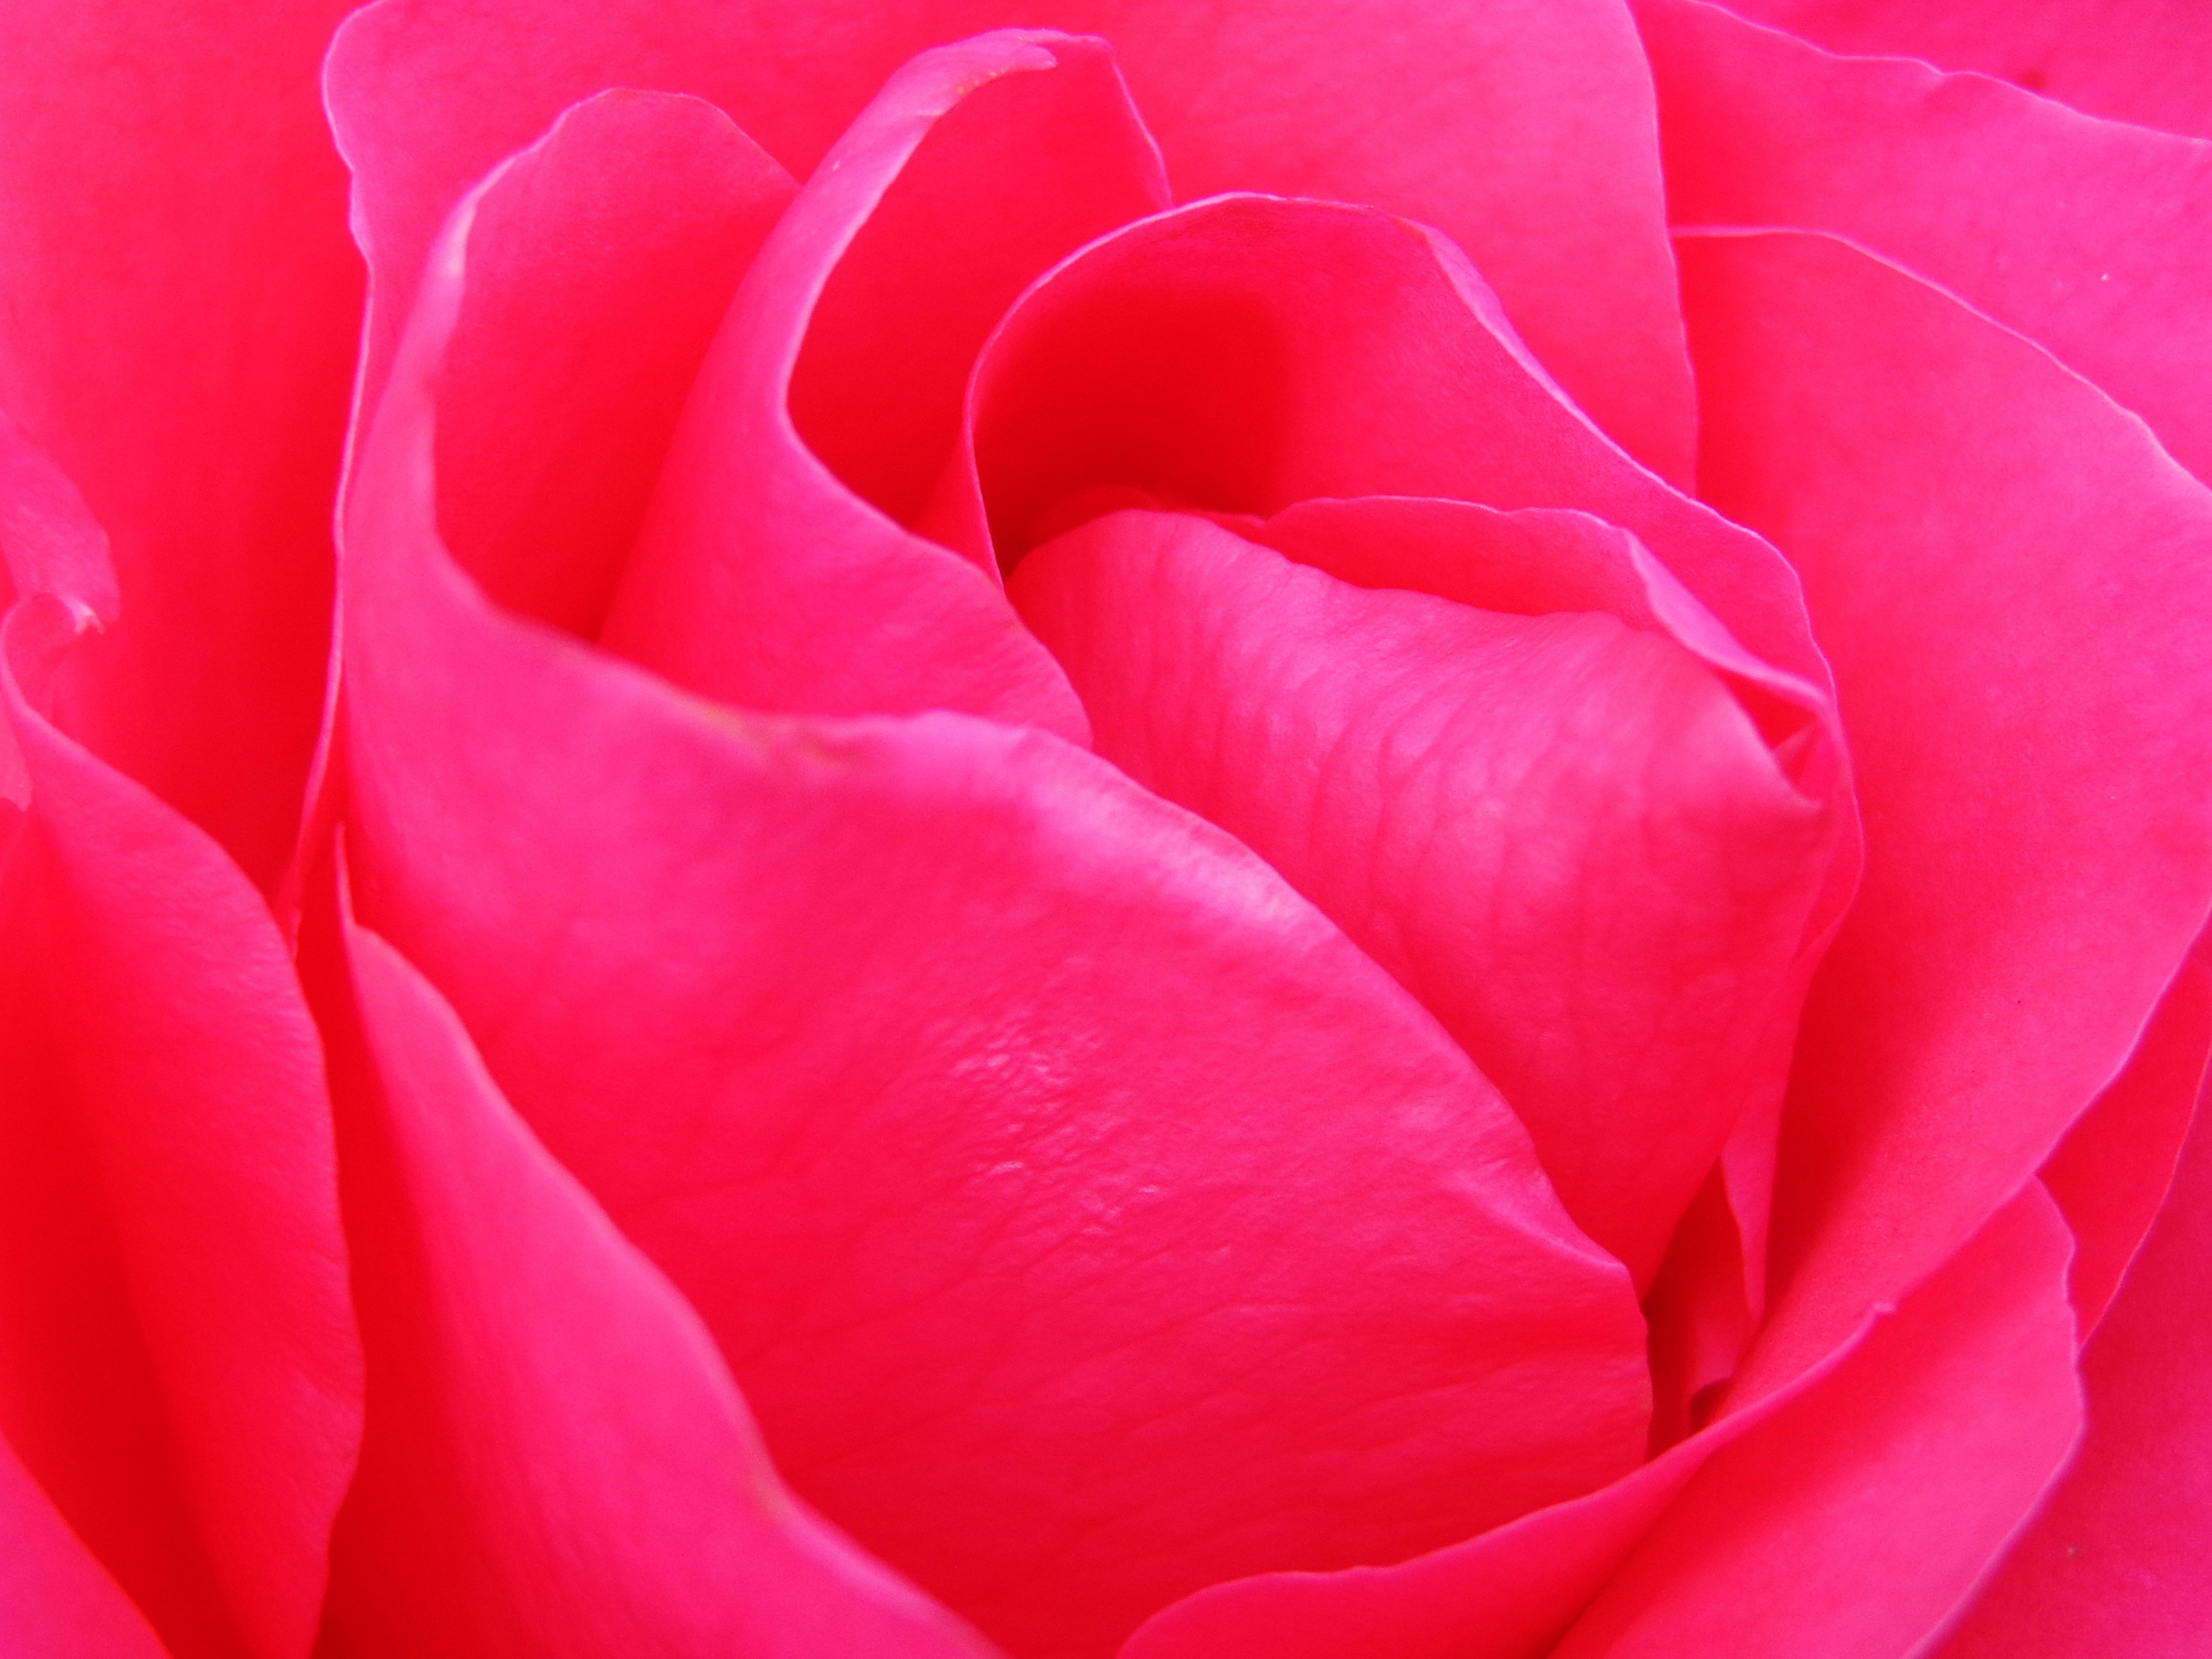 Immagini Belle Da Dipingere immagini belle : struttura, fiore, petalo, tulipano